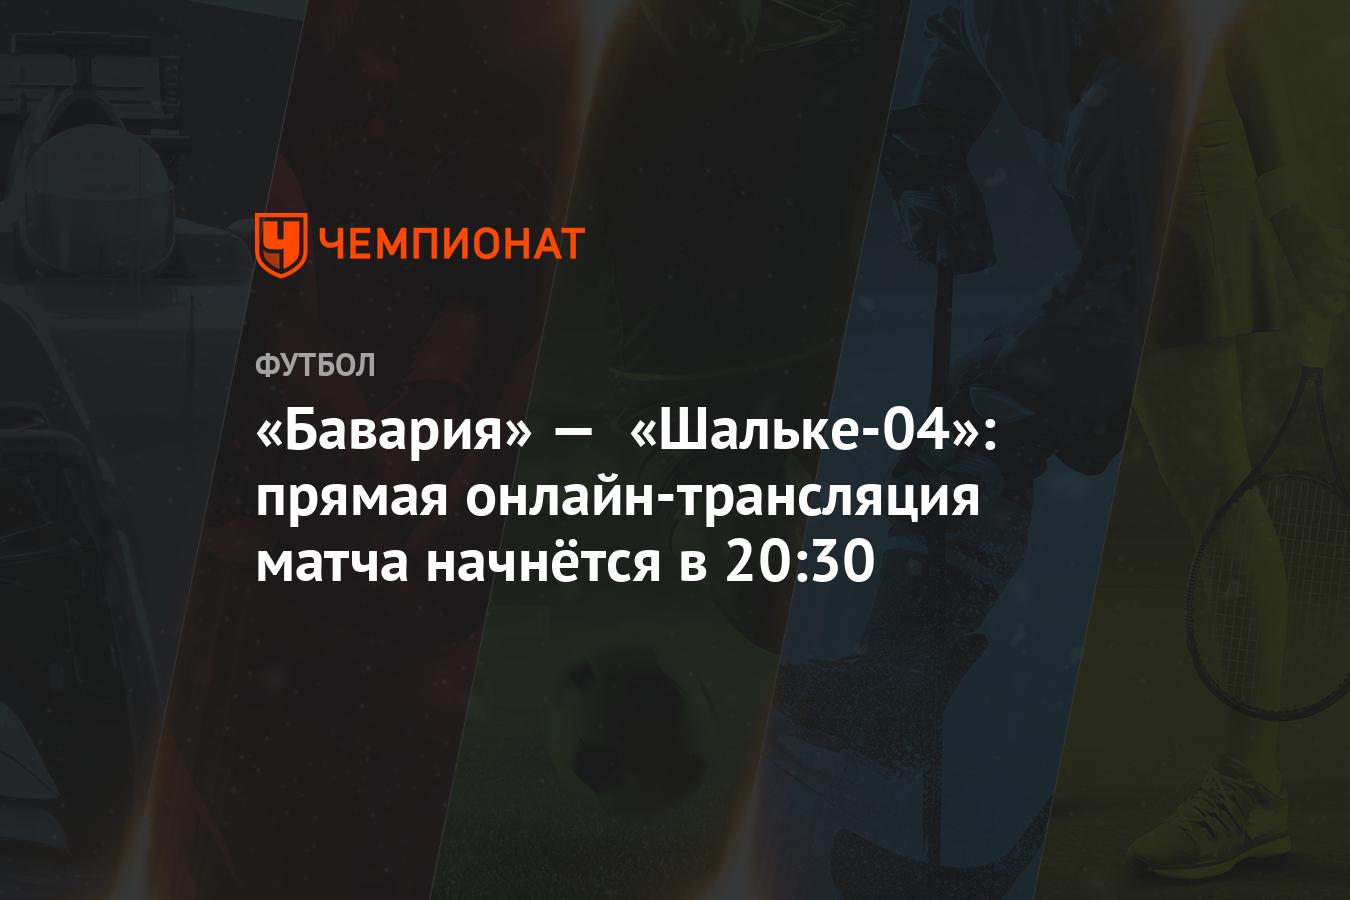 Текстовые трансляции матча бавария- шальке- 04